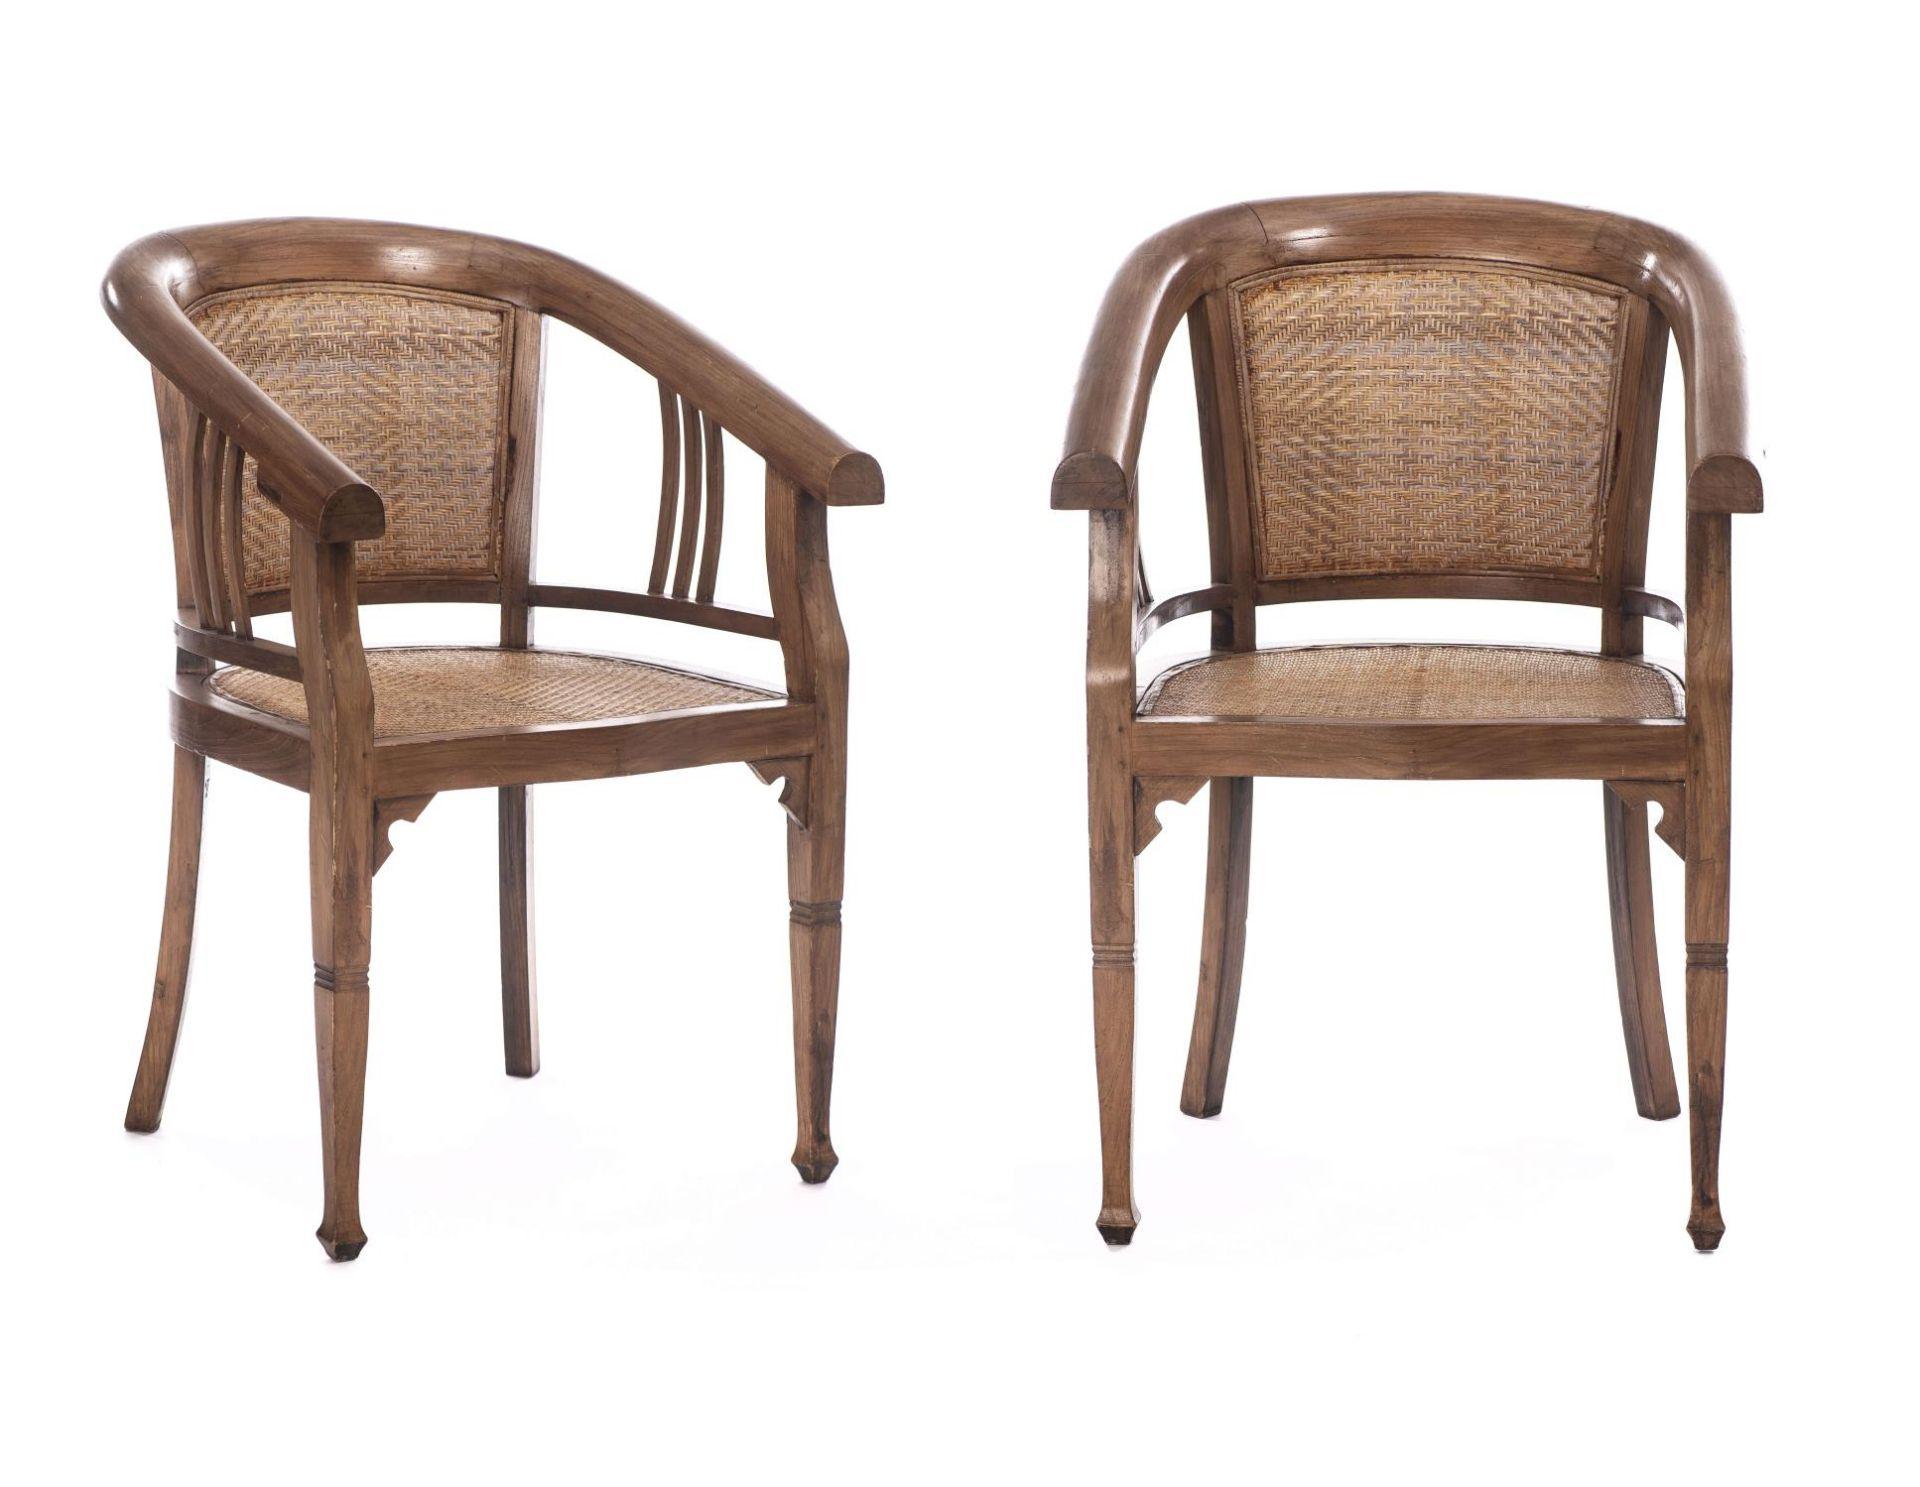 Deux fauteuils et une banquette balinais en Suar teck - Bild 8 aus 15